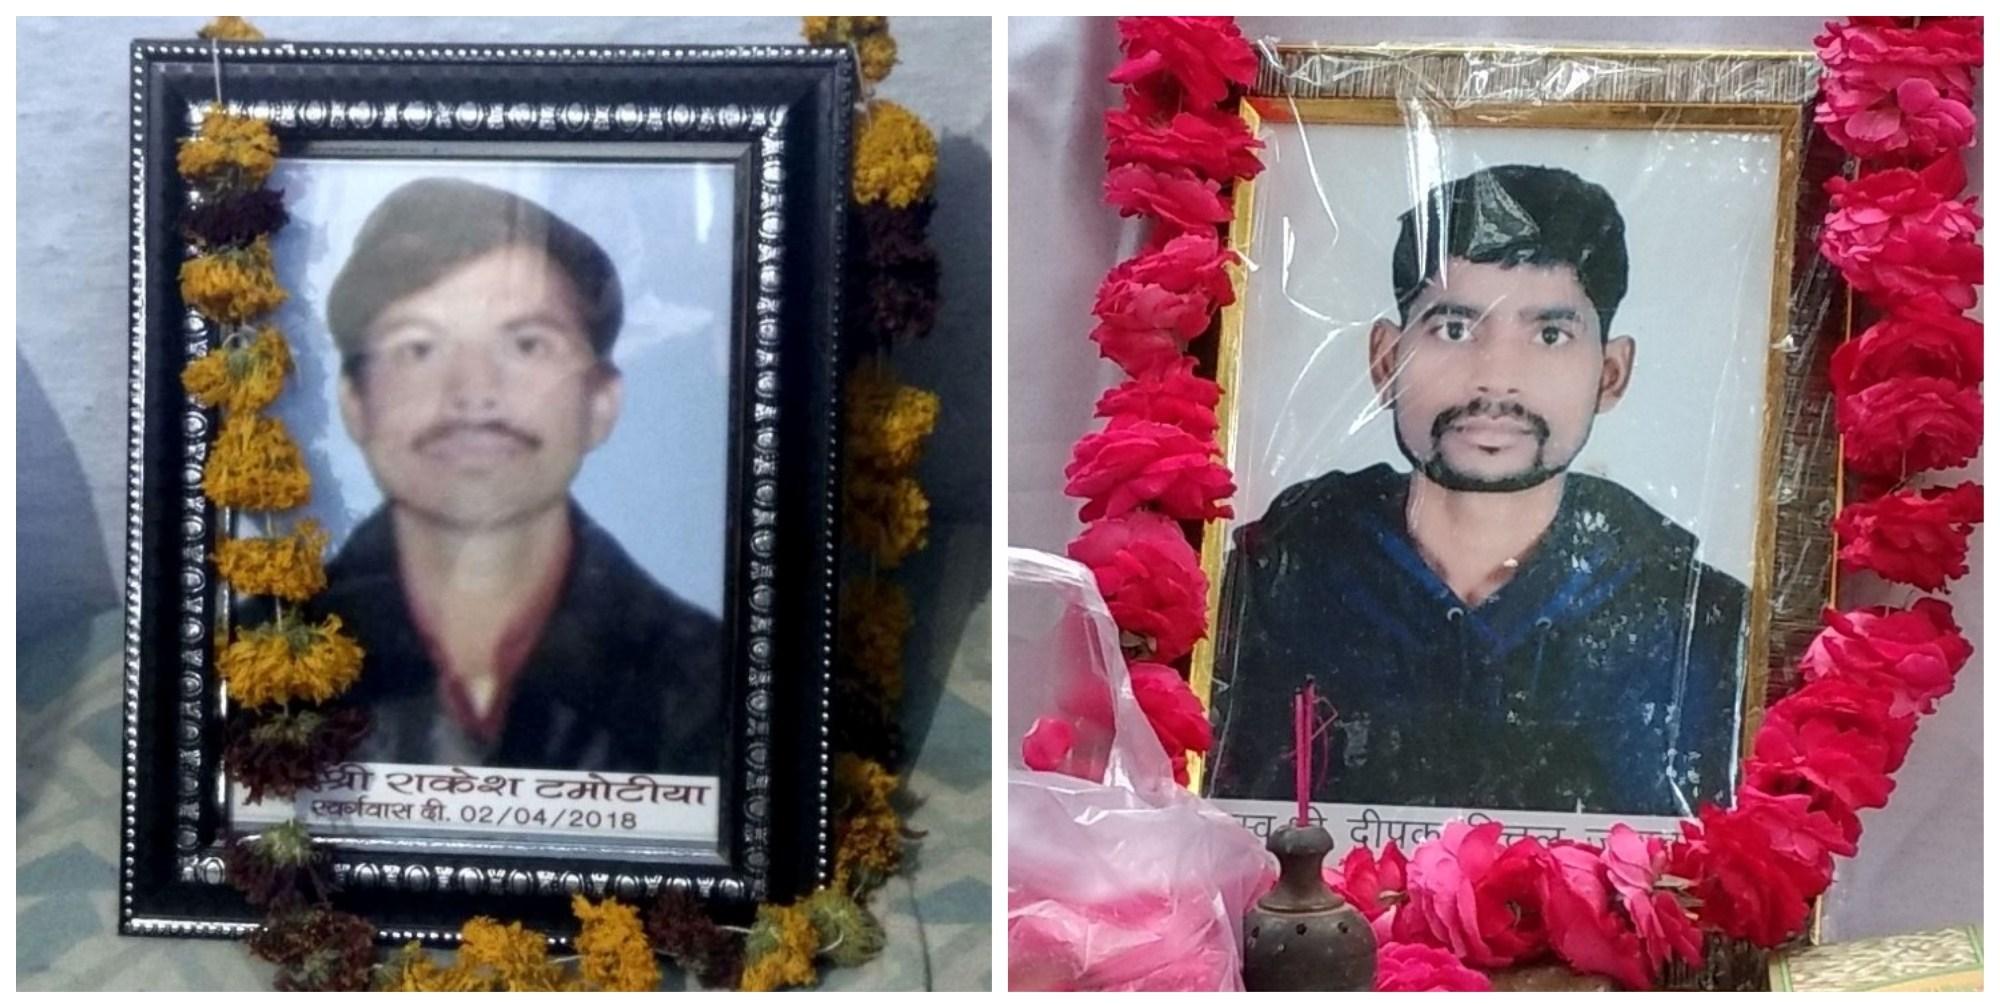 گوالیار میں دلت کمیونٹی کی طرف سے دو اپریل کو بلائے گئے بھارت بند کے دوران مارے گئے راکیش ٹموٹیا اور دیپک جاٹو۔ (فوٹو : سوربھ ارورا / دیپک گوسوامی)